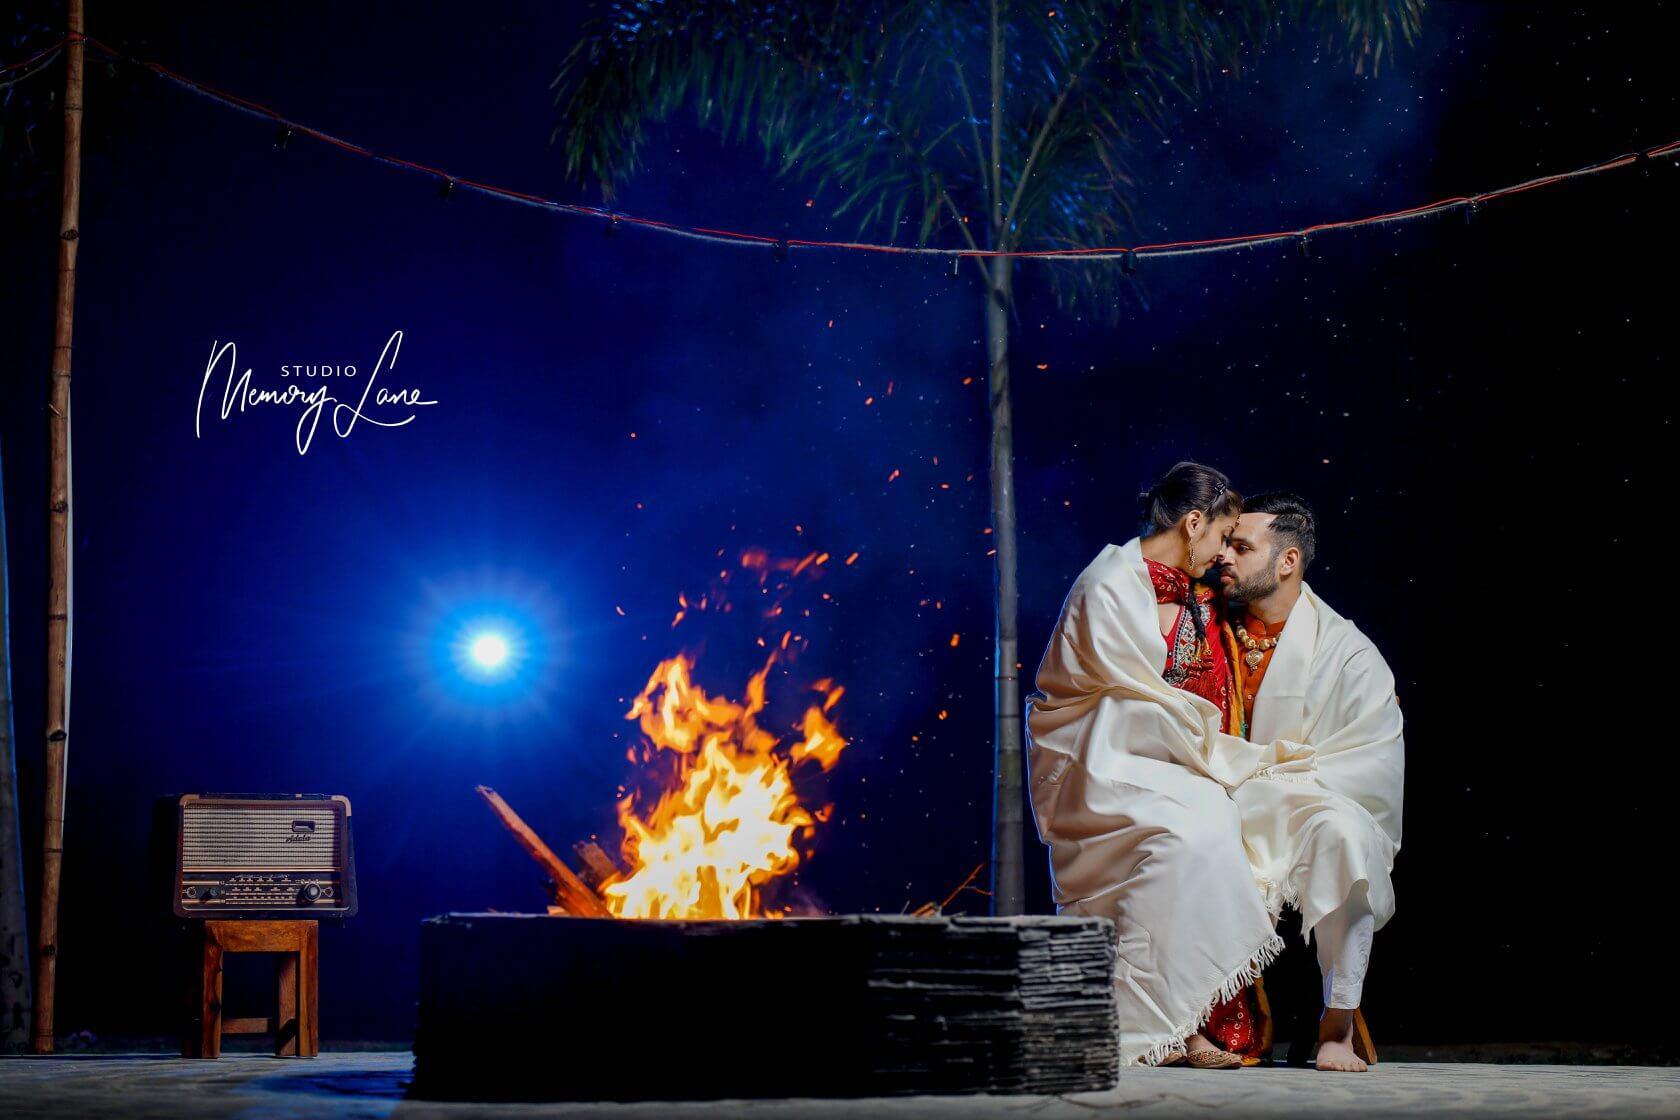 pre-Wedding Photographers Jalandhar - Sparkling Affection